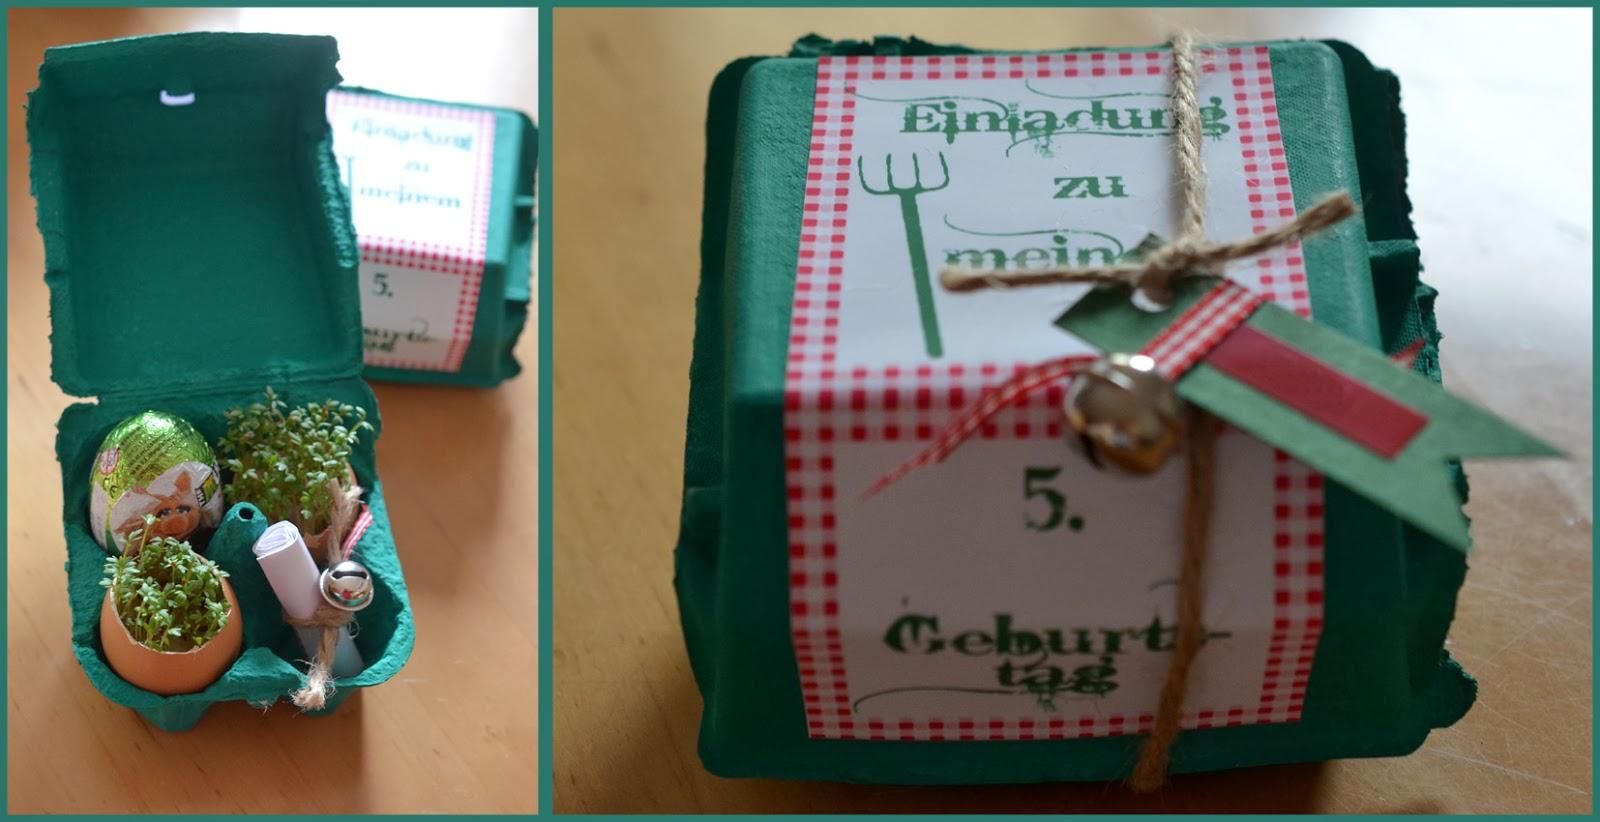 ninas kleiner food-blog: bauernhof-geburtstag, Einladung